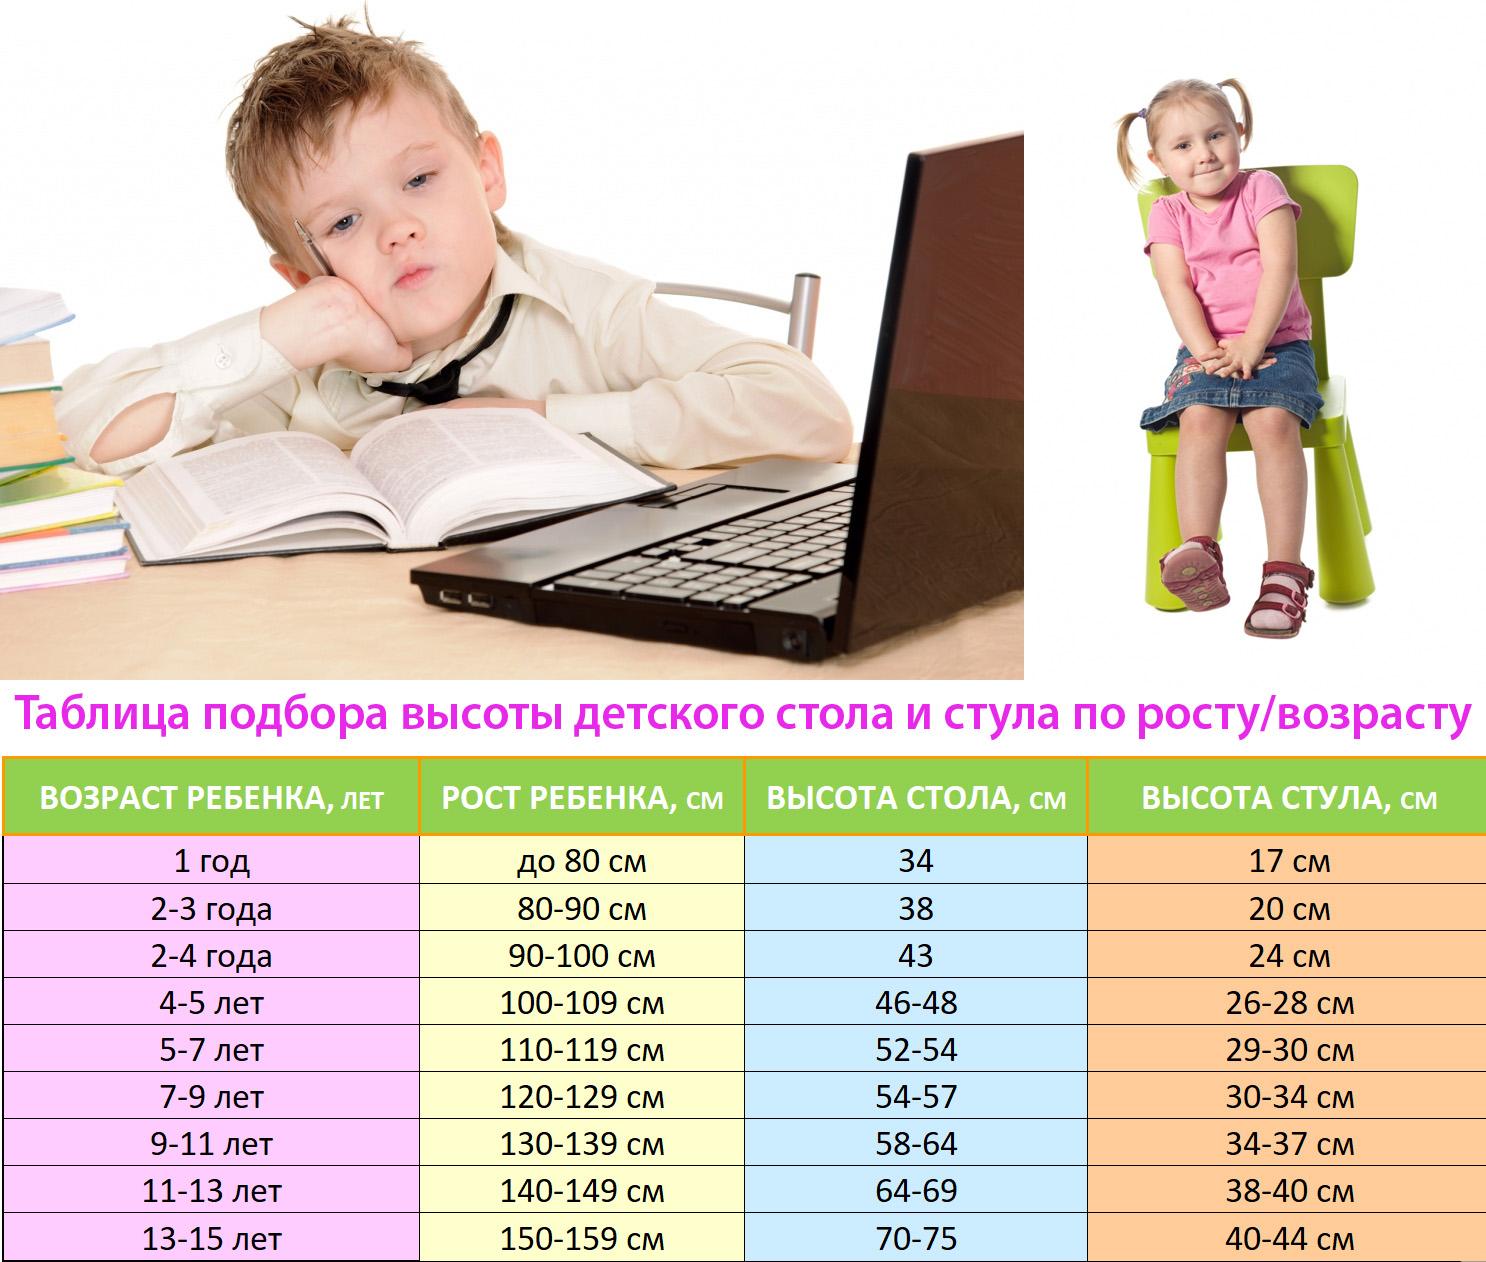 Таблица подбора высоты детского стола и стула по росту или возрасту